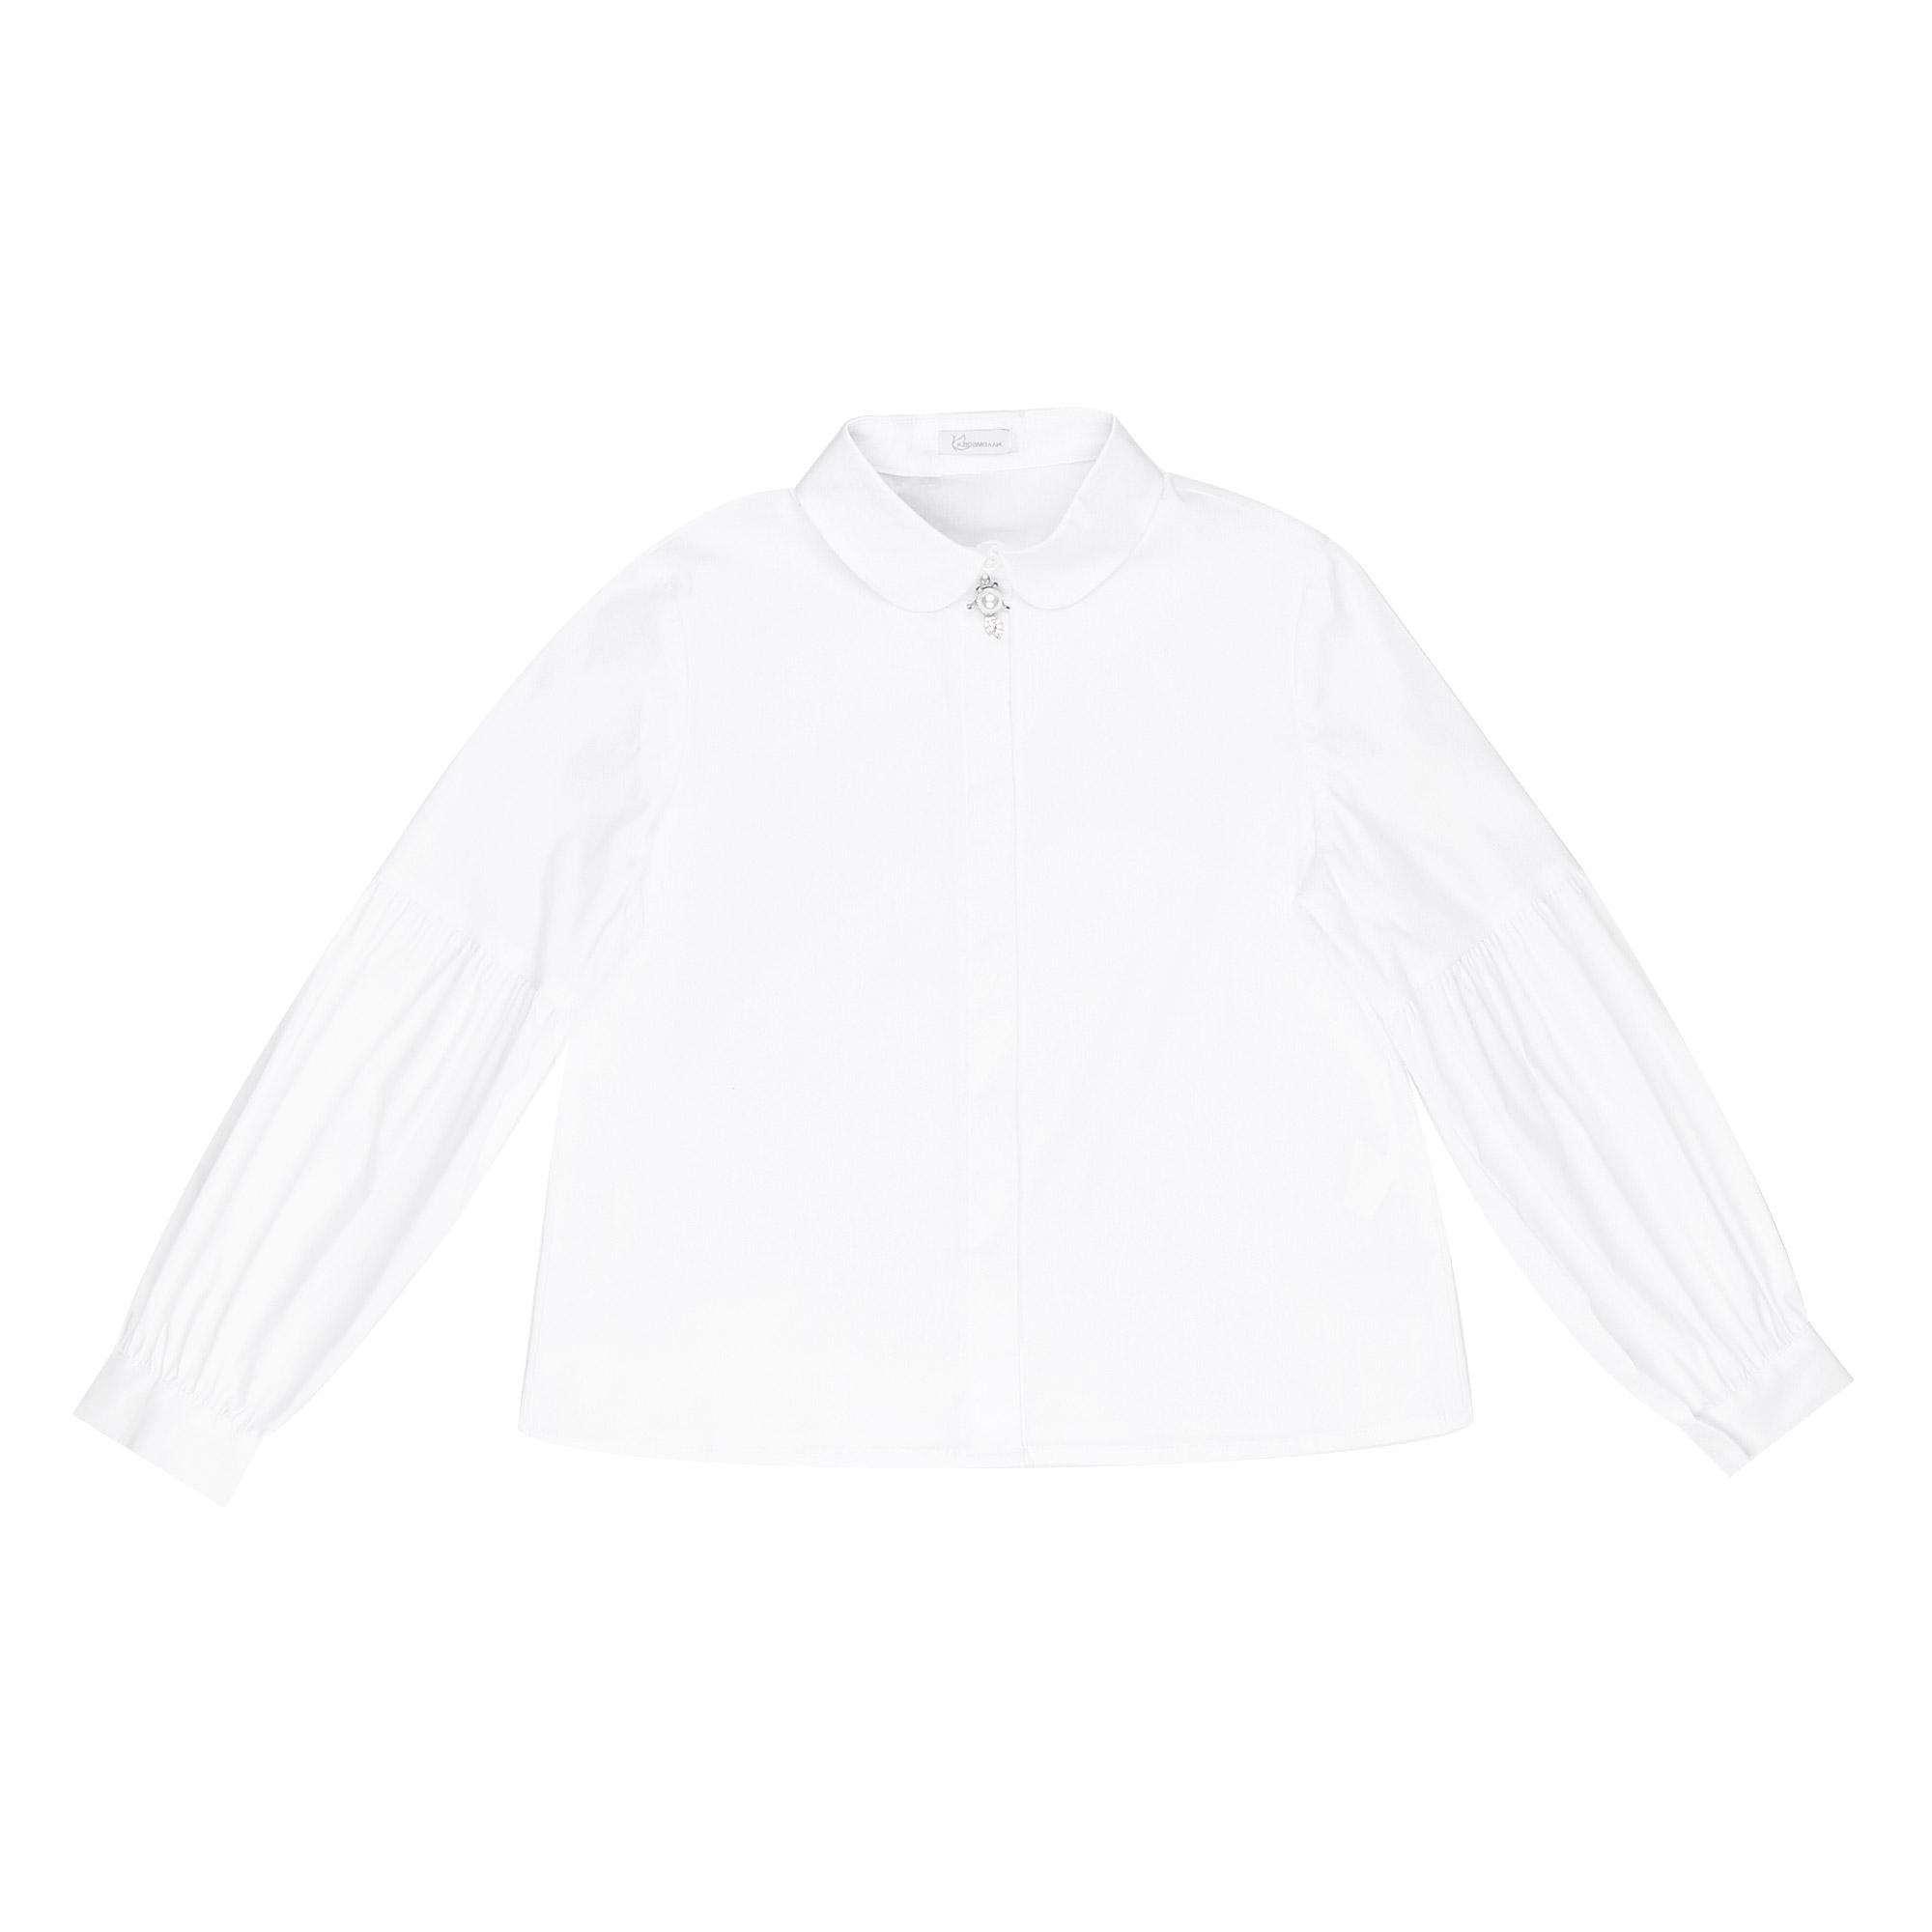 Блузка школьная КАРАМЕЛЛИ О74161 белая 140 фото